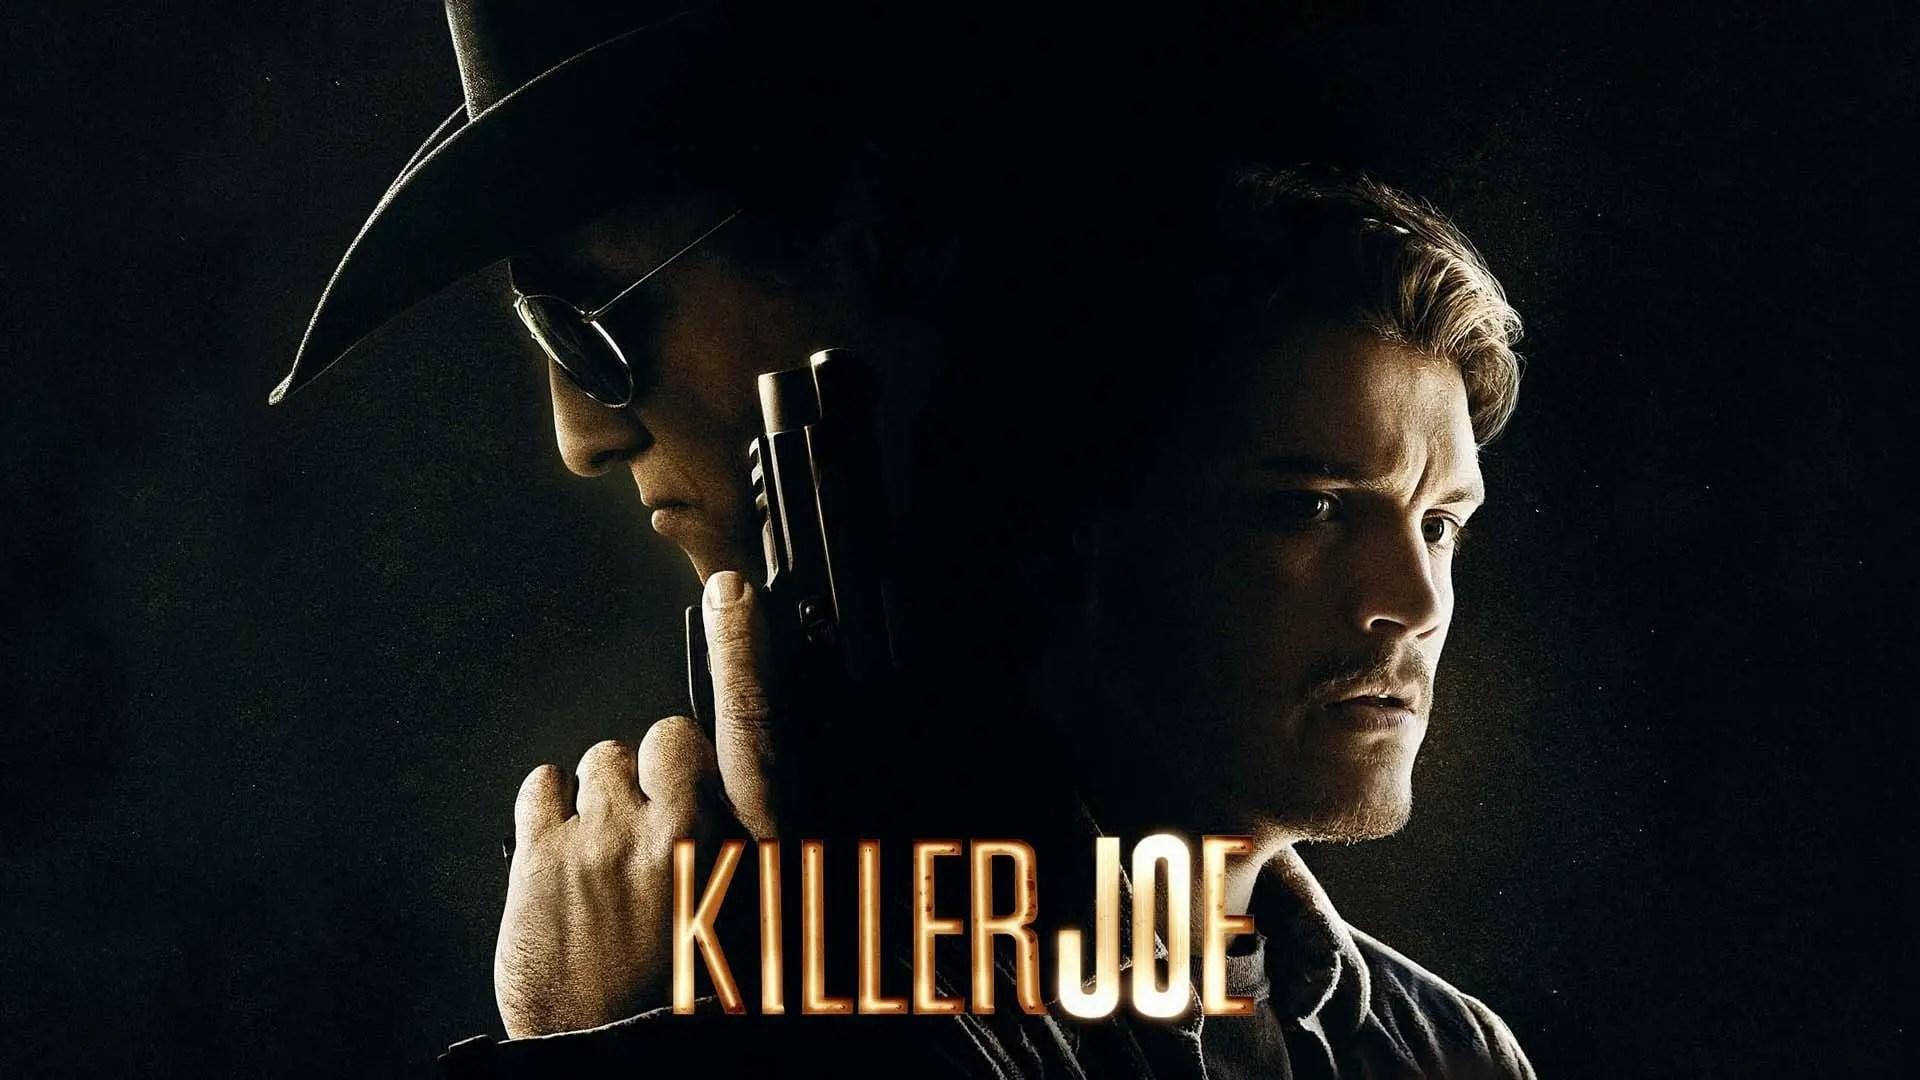 Is It Any Good? Killer Joe